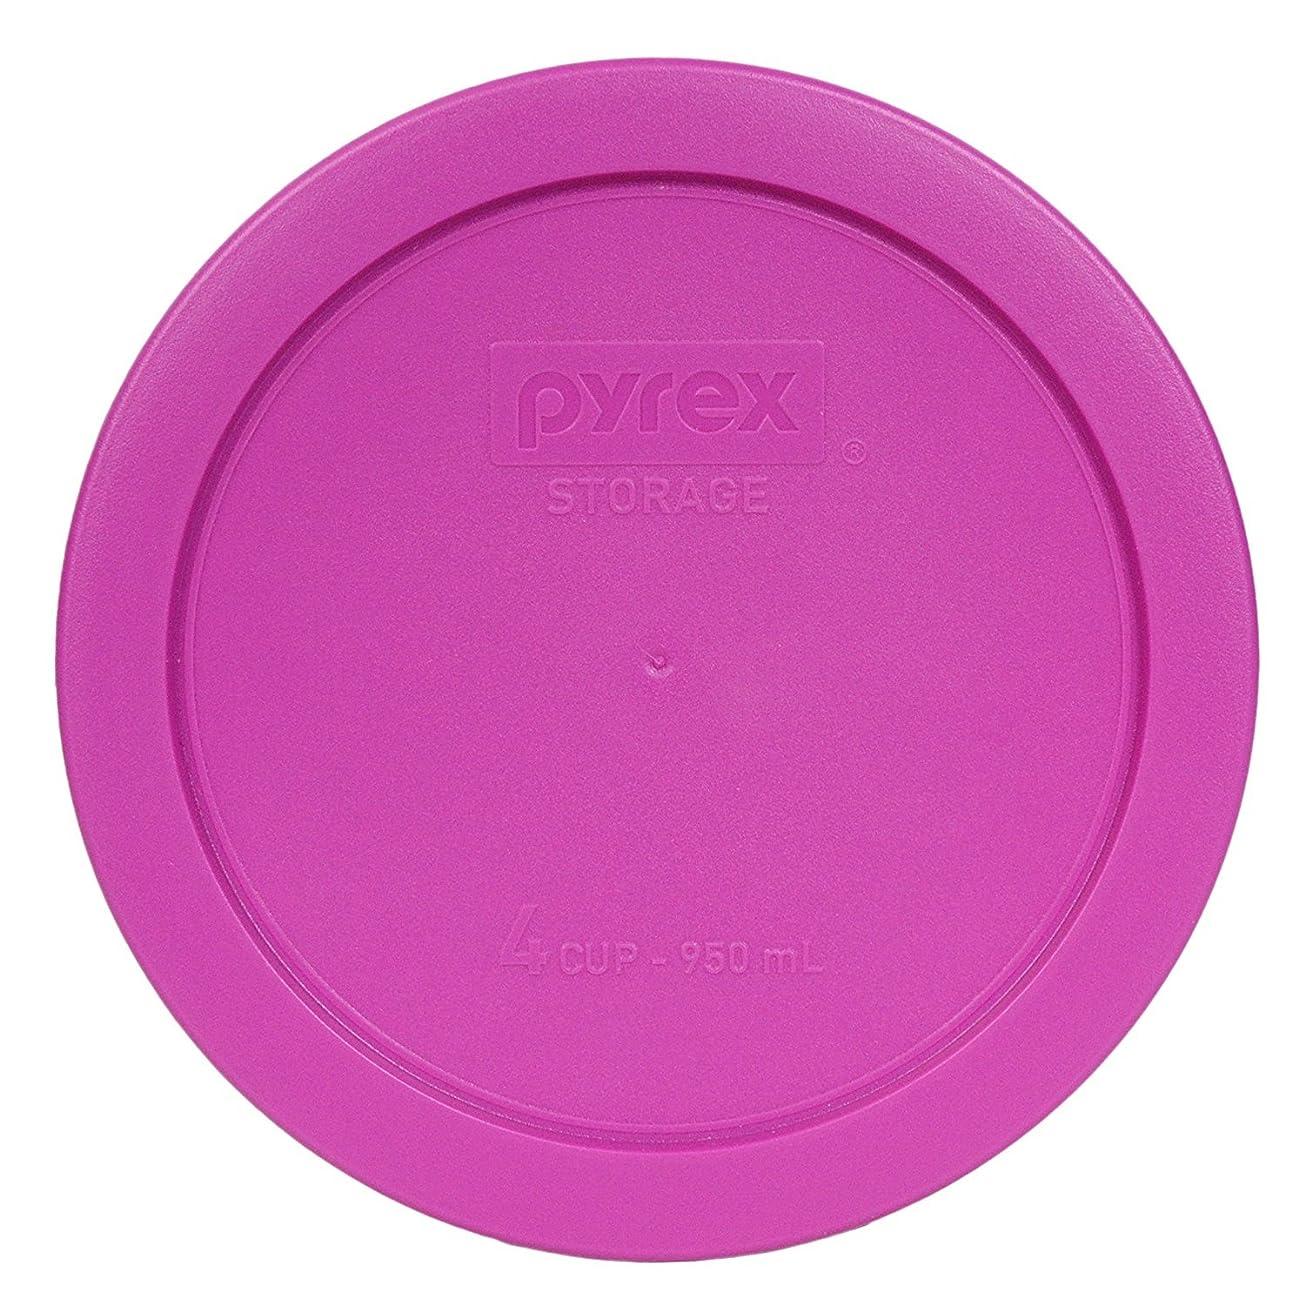 トランクライブラリパーフェルビッド事務所Pyrex 7201-PC Round 4 Cup Storage Lid for Glass Bowls (1, Pink) by Pyrex